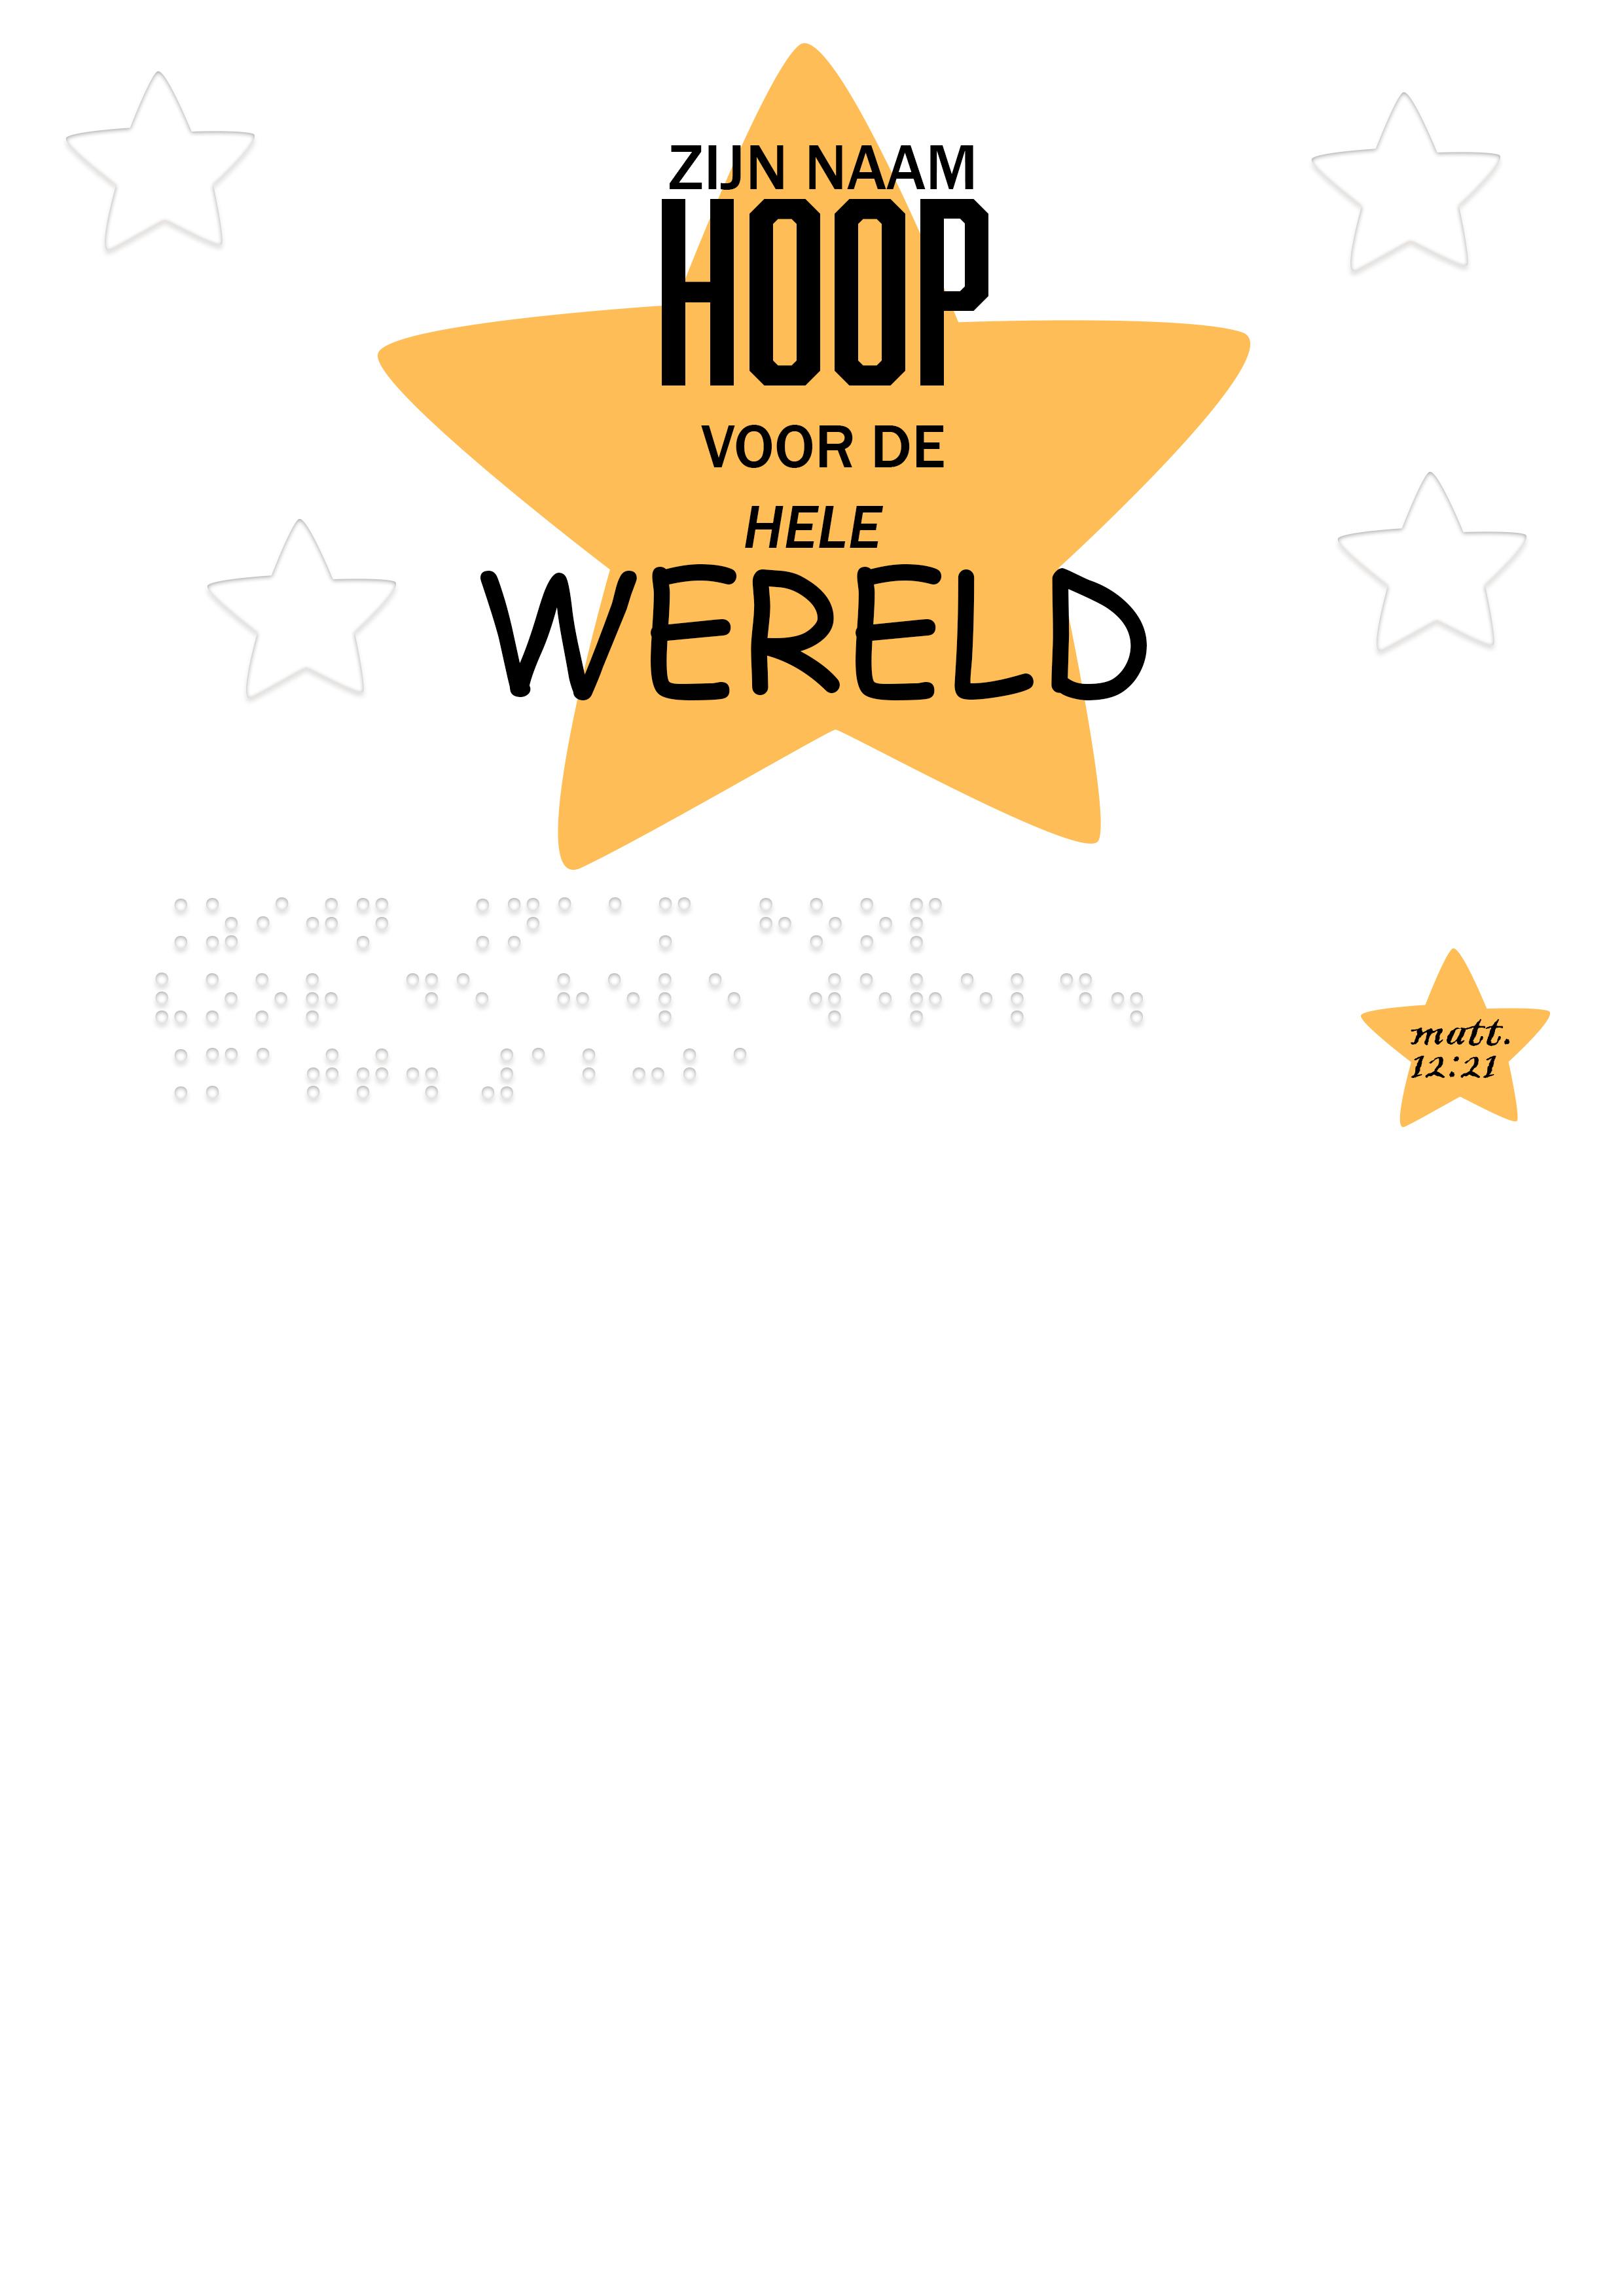 Voelbare wenskaart met braille en reliëf. In braille de tekst: Zijn naam Hoop voor de wereld. Mat. 12:21. Met voelbare afbeelding van een ster.